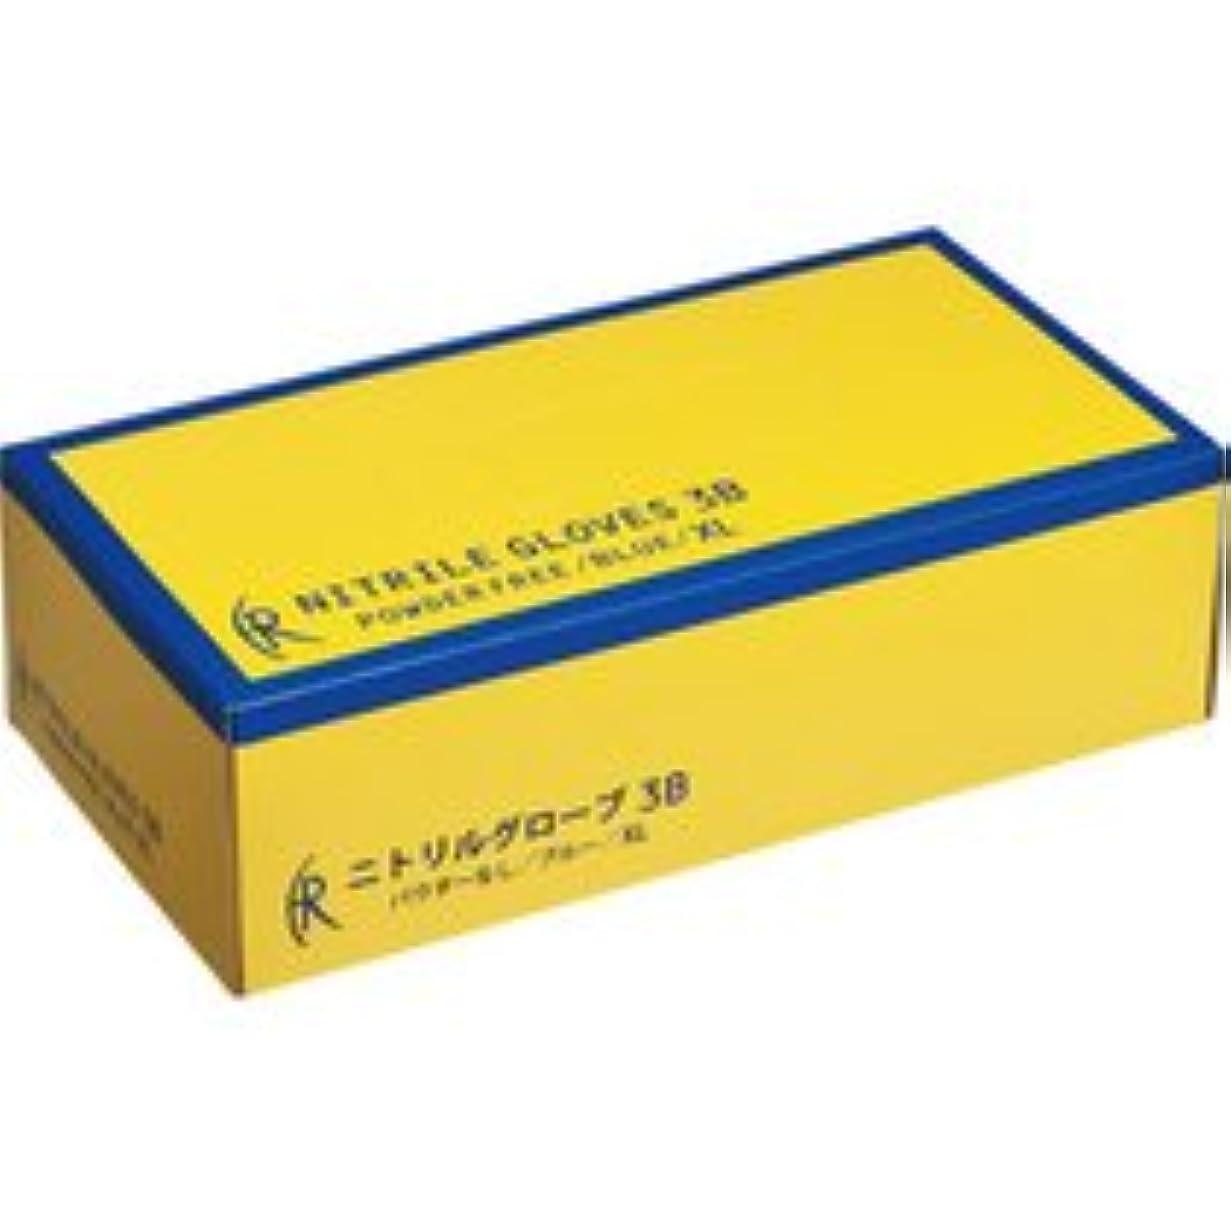 思春期のくぼみ主人ファーストレイト ニトリルグローブ3B パウダーフリー XL FR-5664 1セット(2000枚:200枚×10箱)